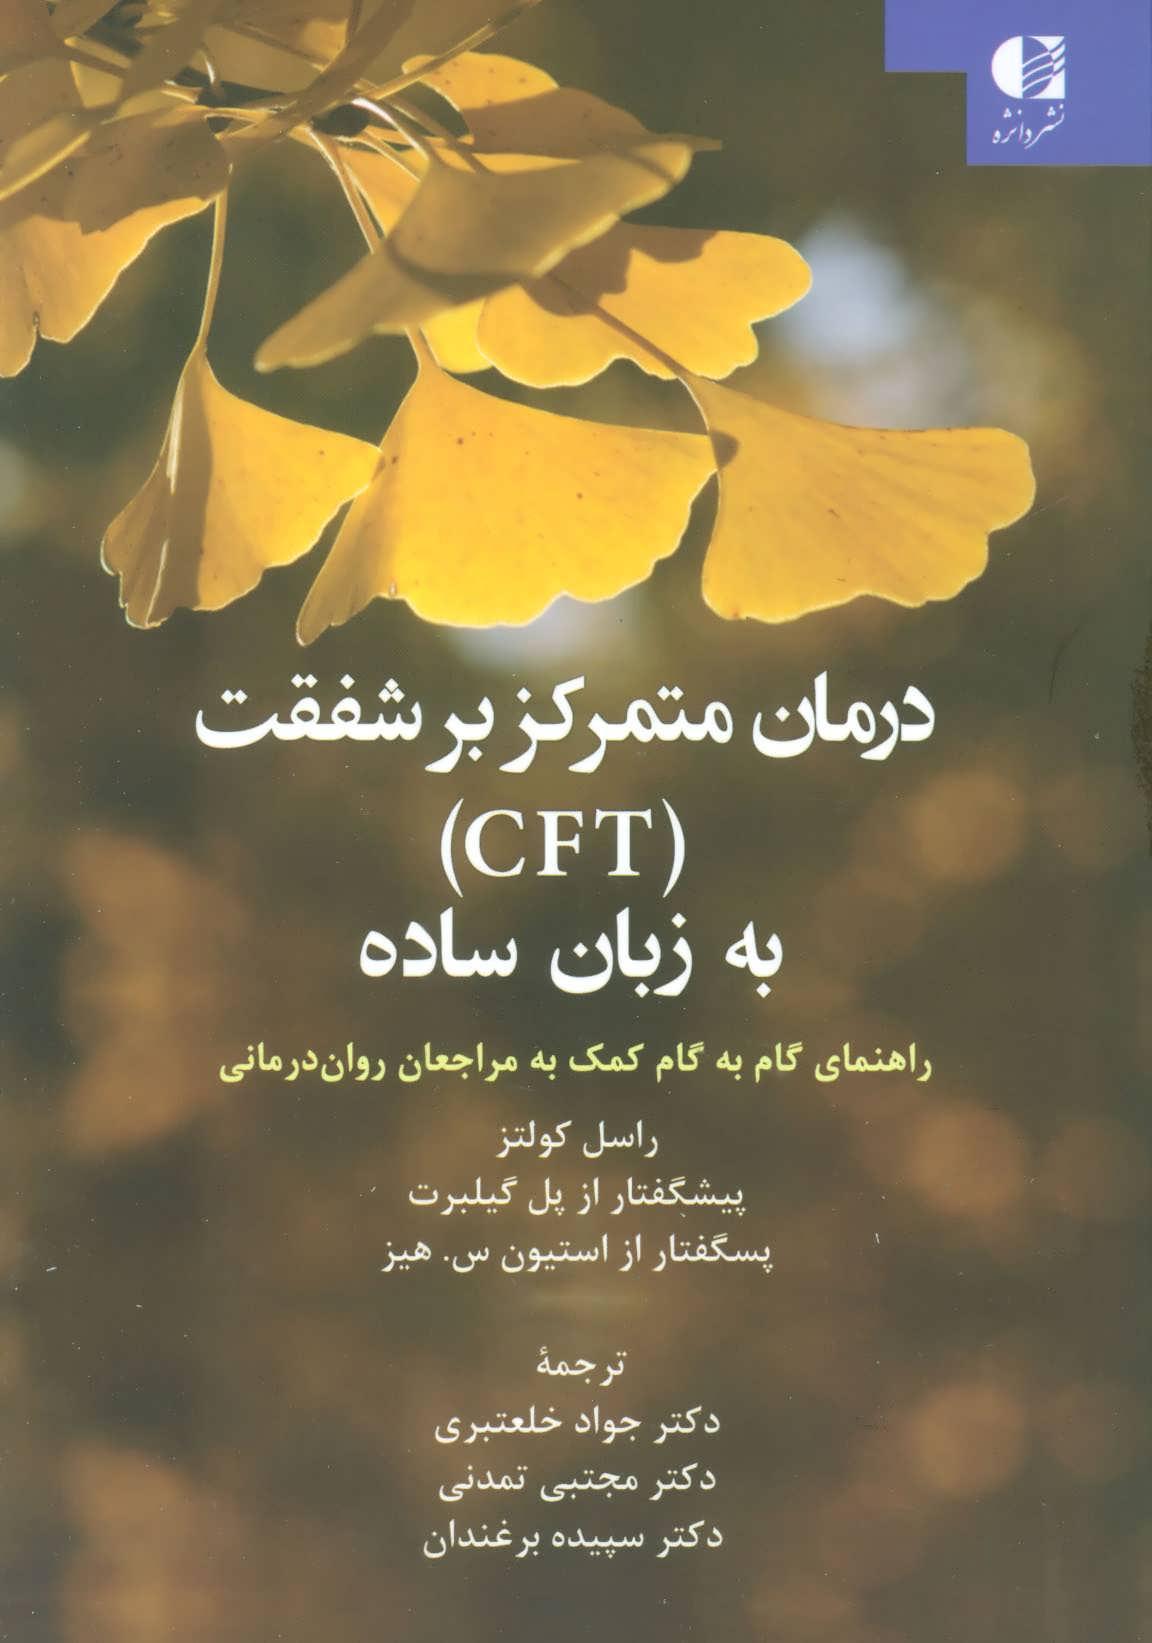 درمان متمركز بر شفقت (CFT) به زبان ساده (راهنماي گام به گام كمك به مراجعان روان درماني)